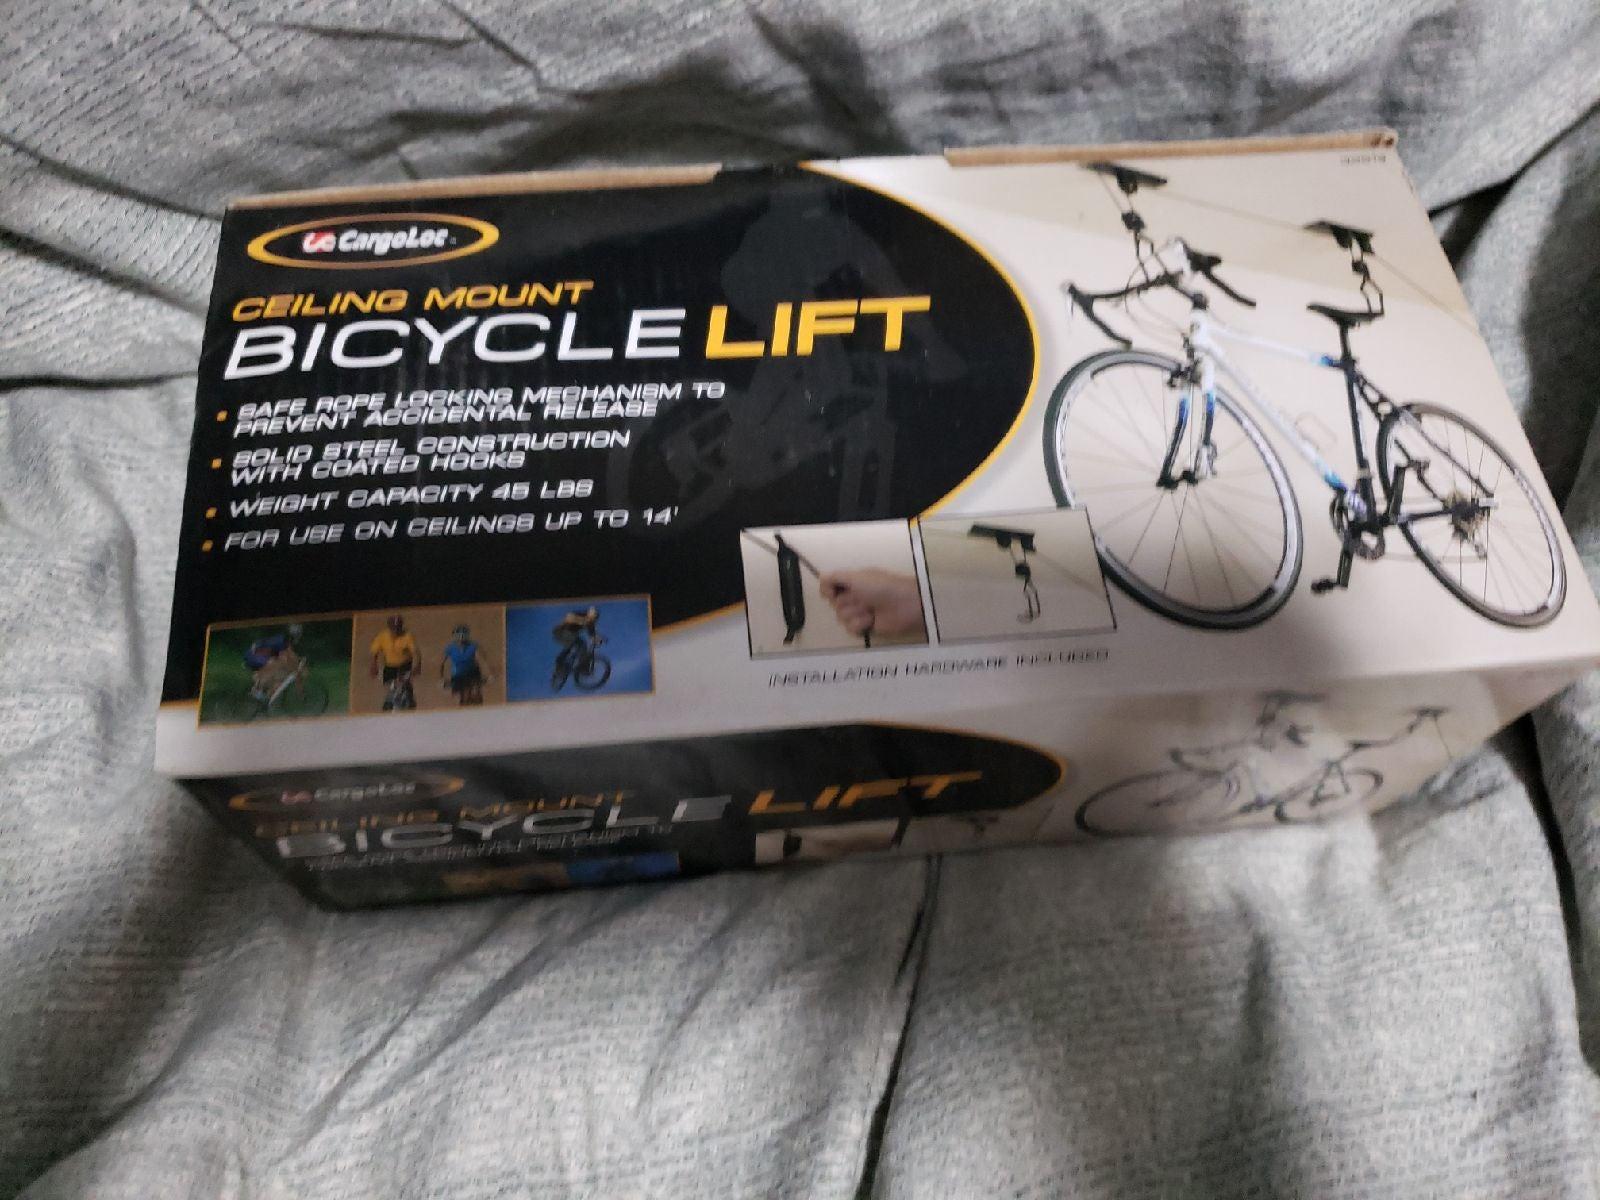 Cargoloc Bike Lift - Ceiling Mount